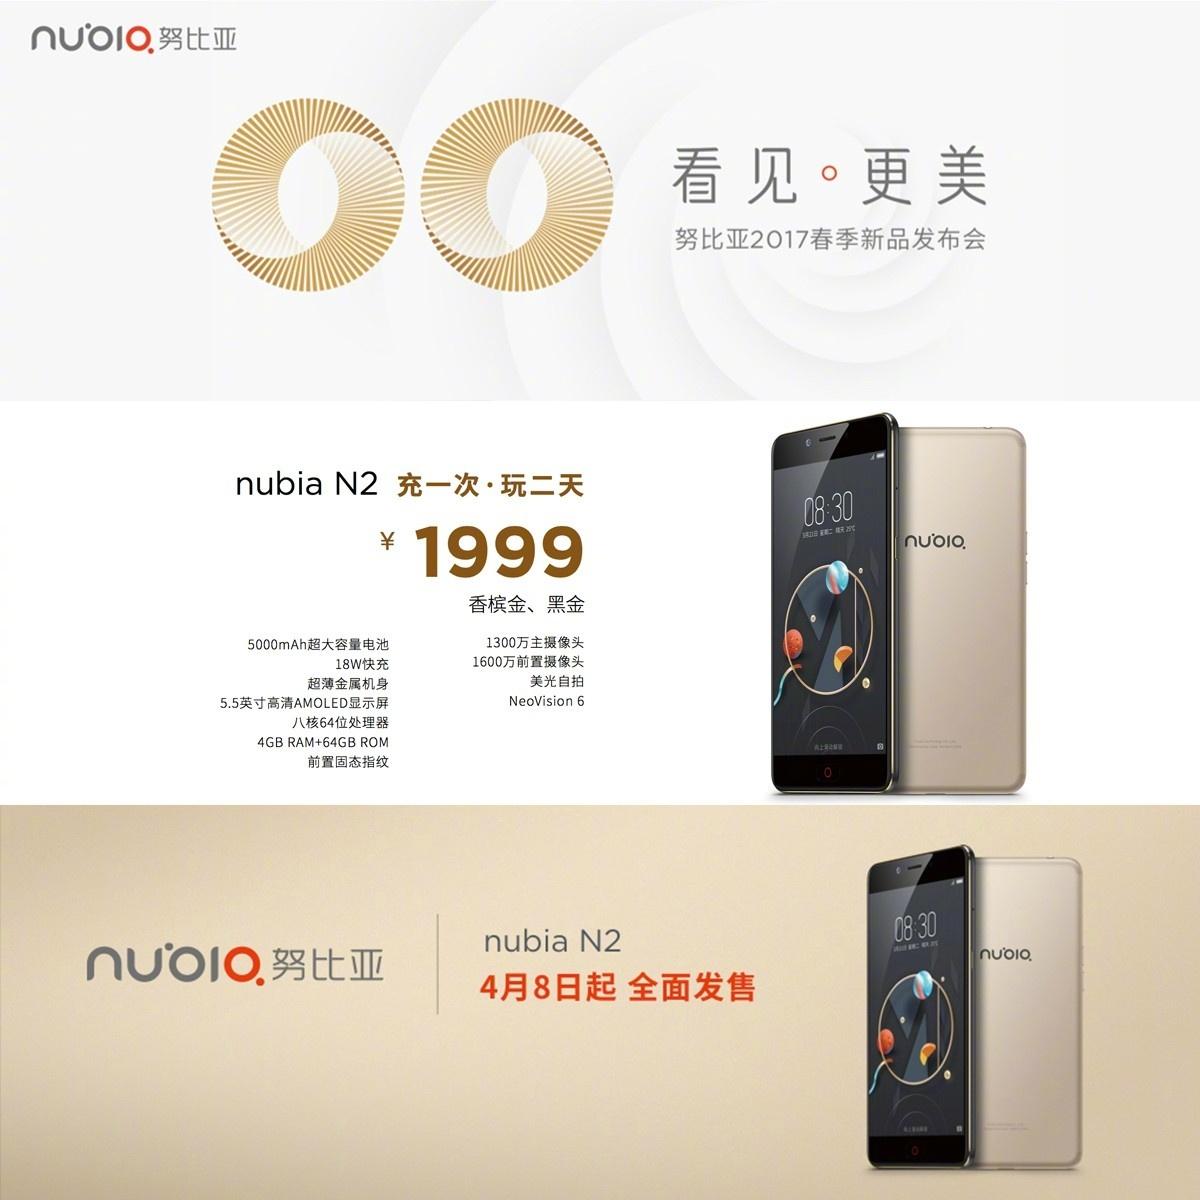 nubia-N2-summary